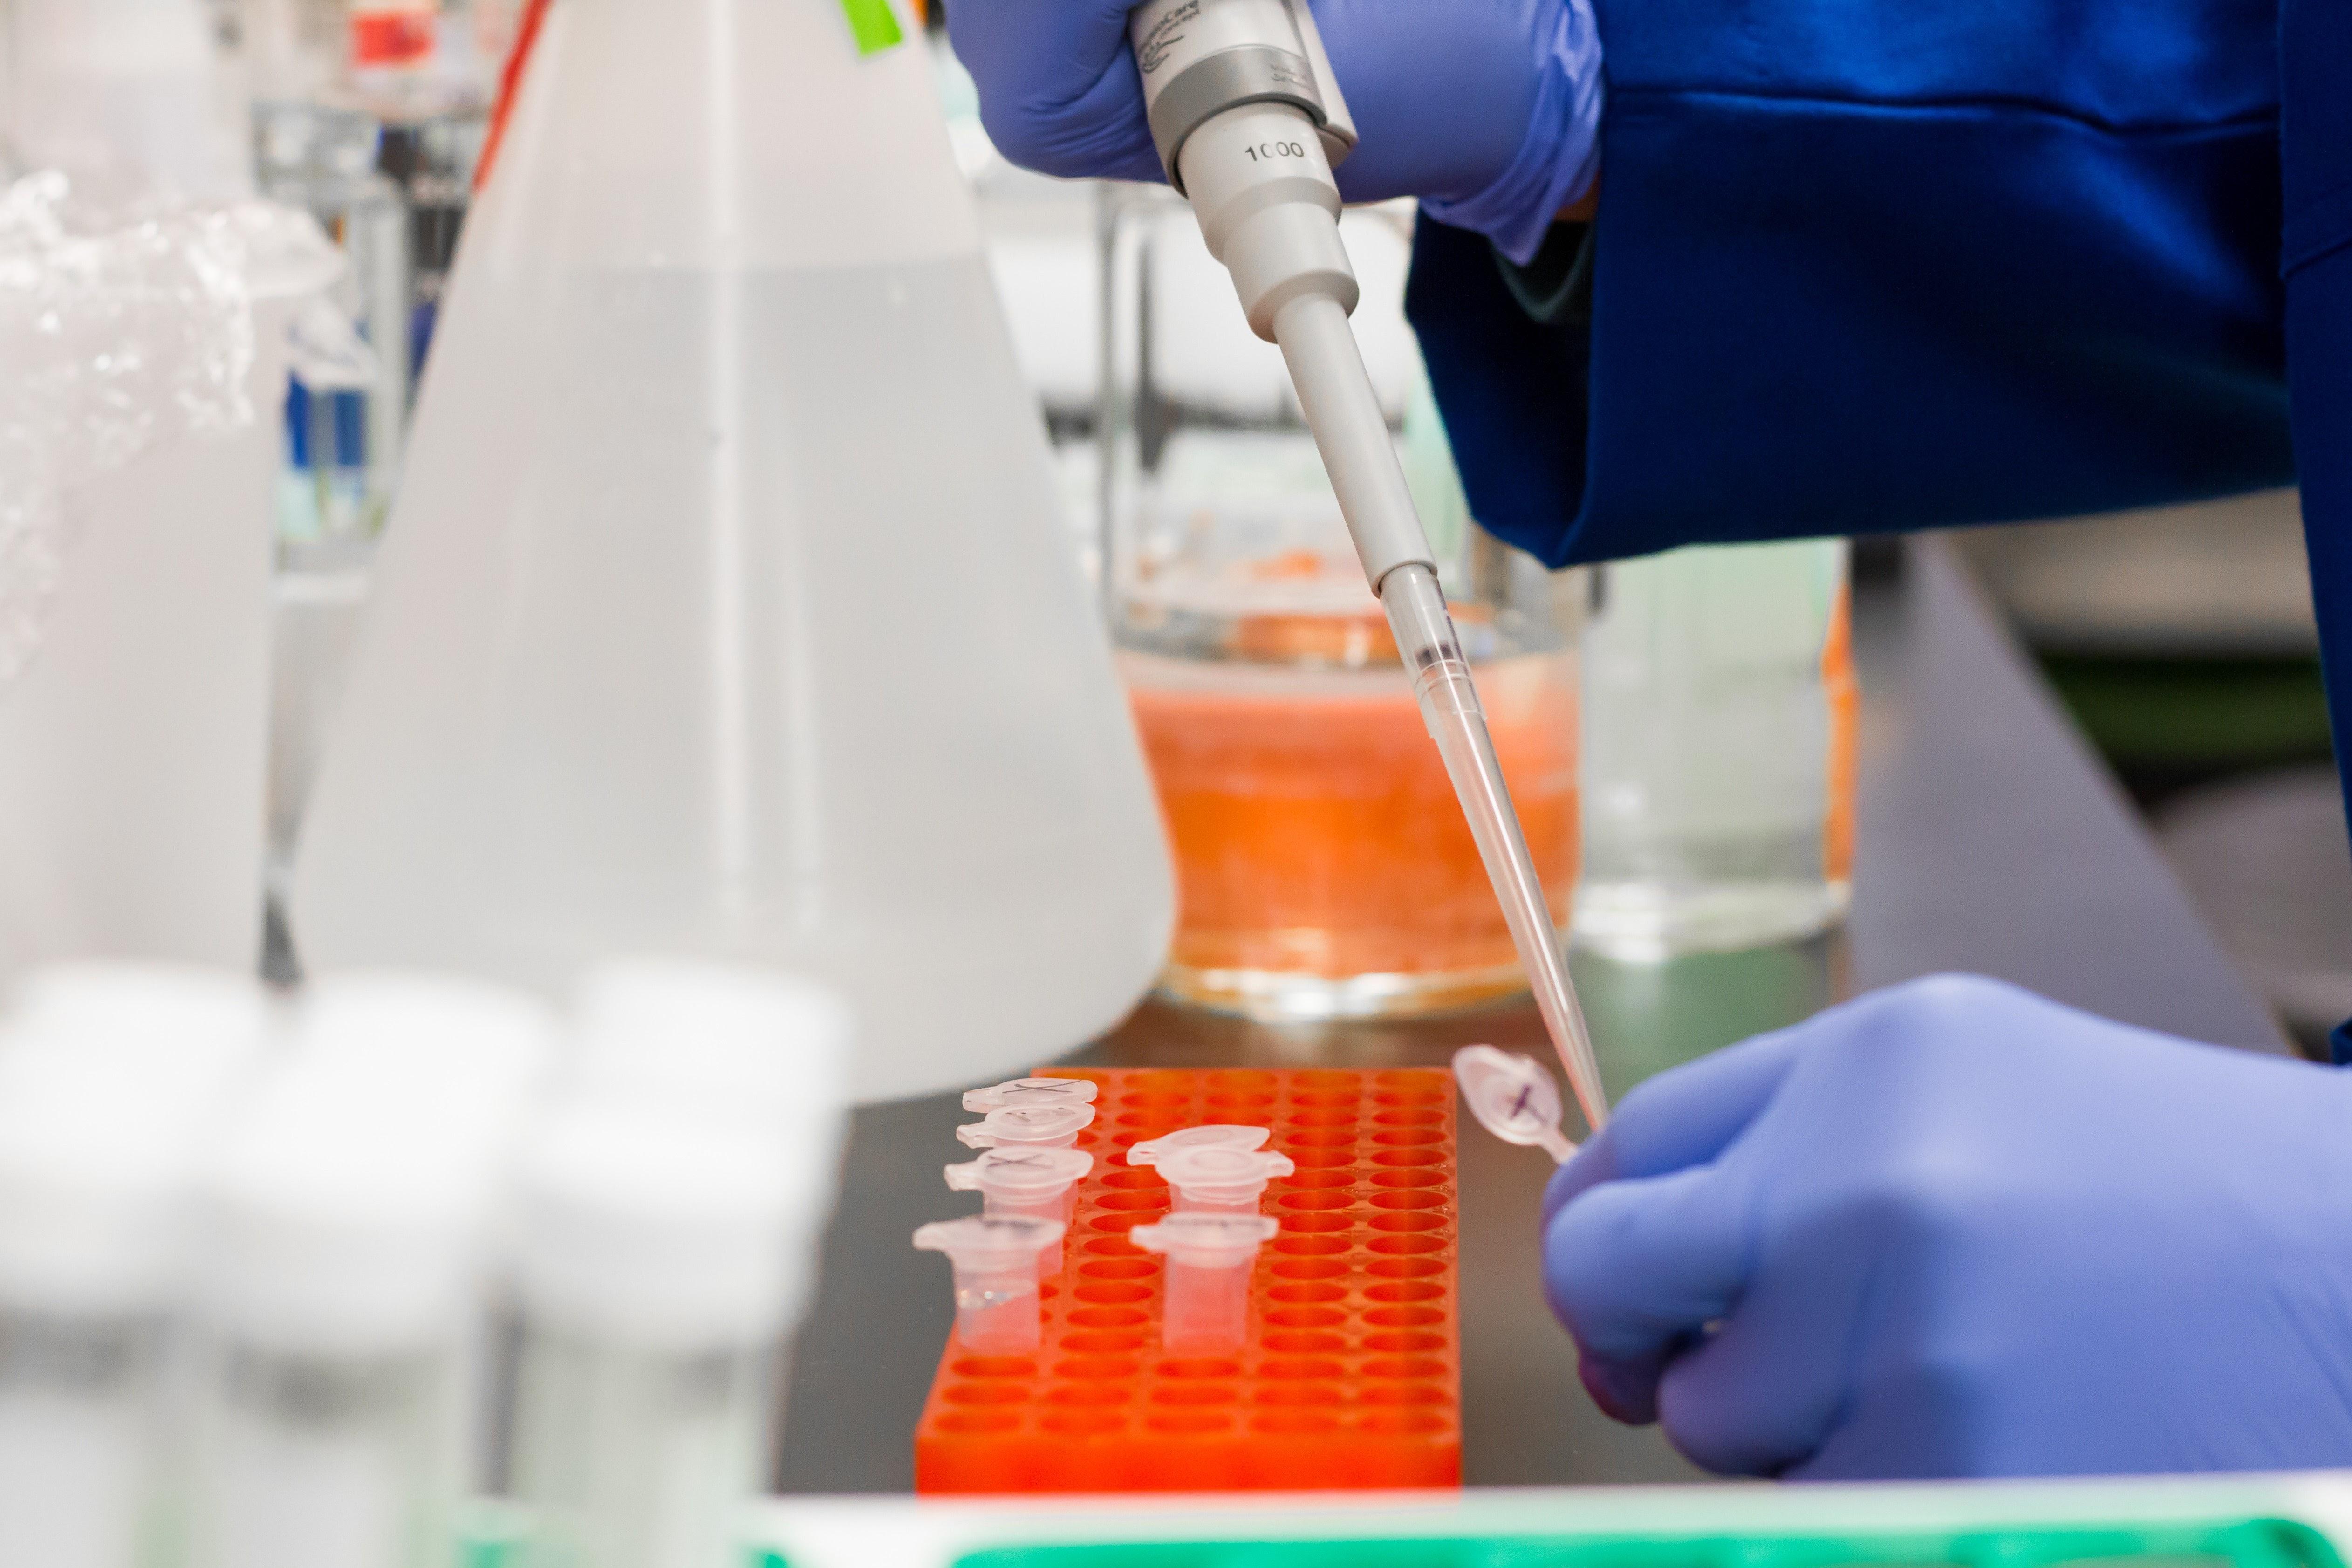 Δωρεάν μαζικά rapid test στο Διδυμότειχο – Οδηγίες